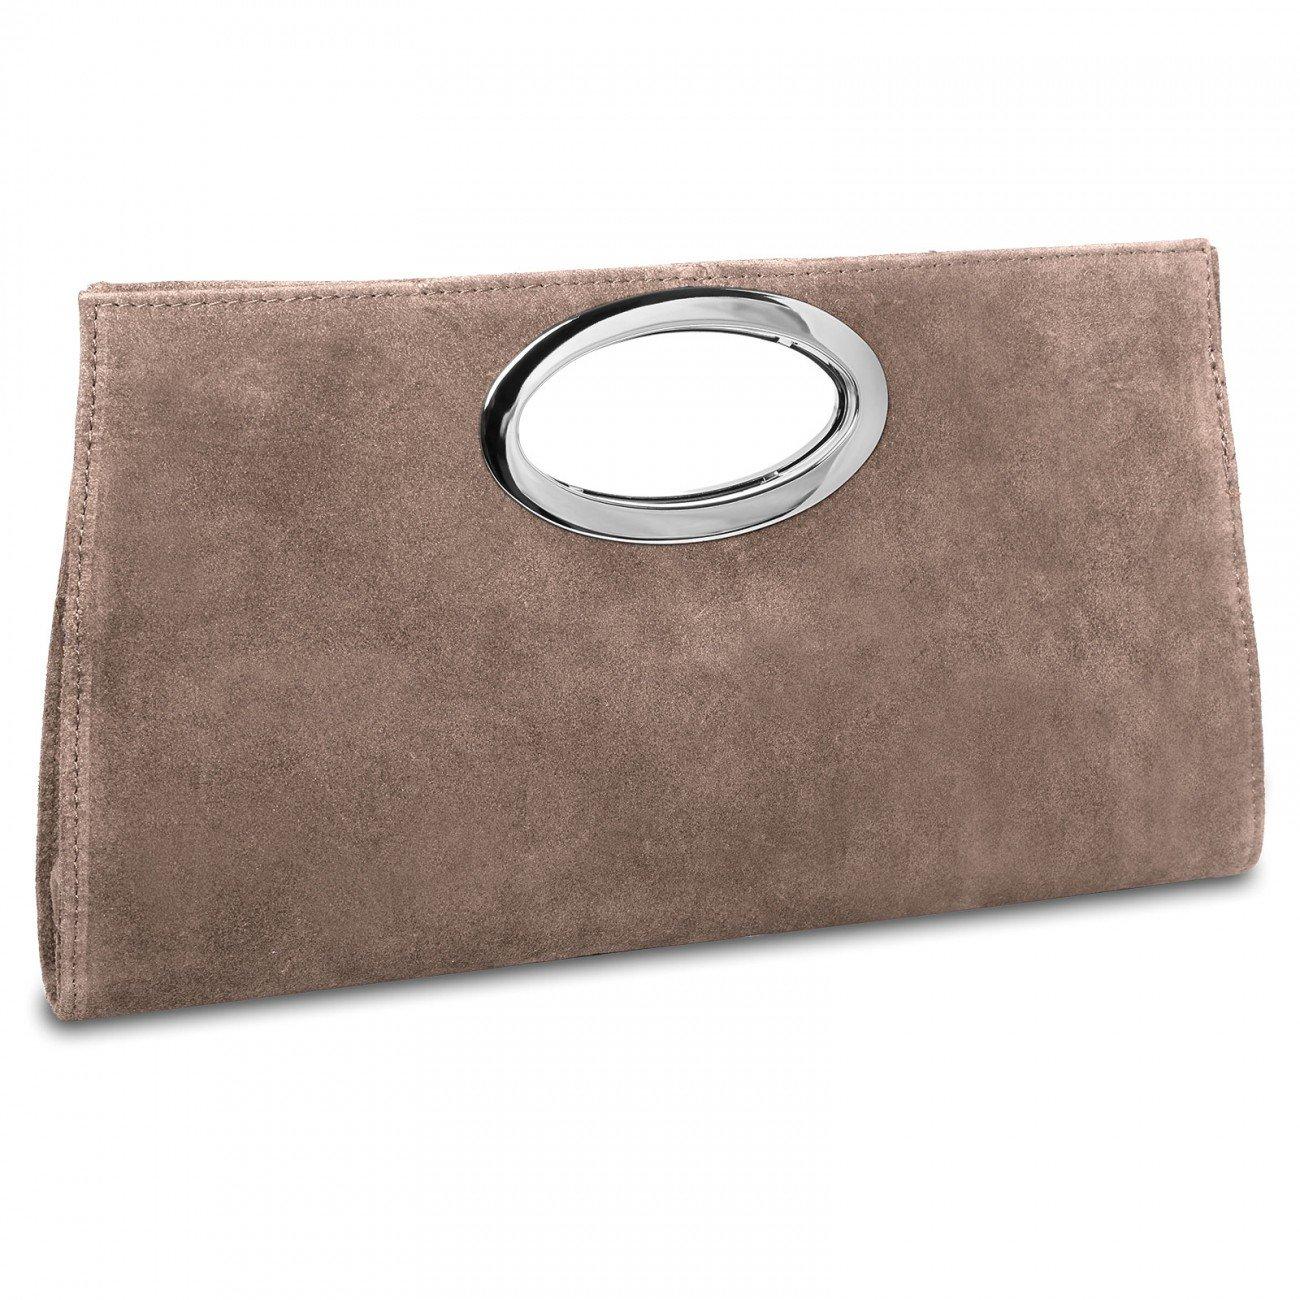 CASPAR TL699 groß e Damen XXL Wildleder Clutch Tasche Handtasche Abendtasche Ledertasche Farbe:hell beige 4251085246012